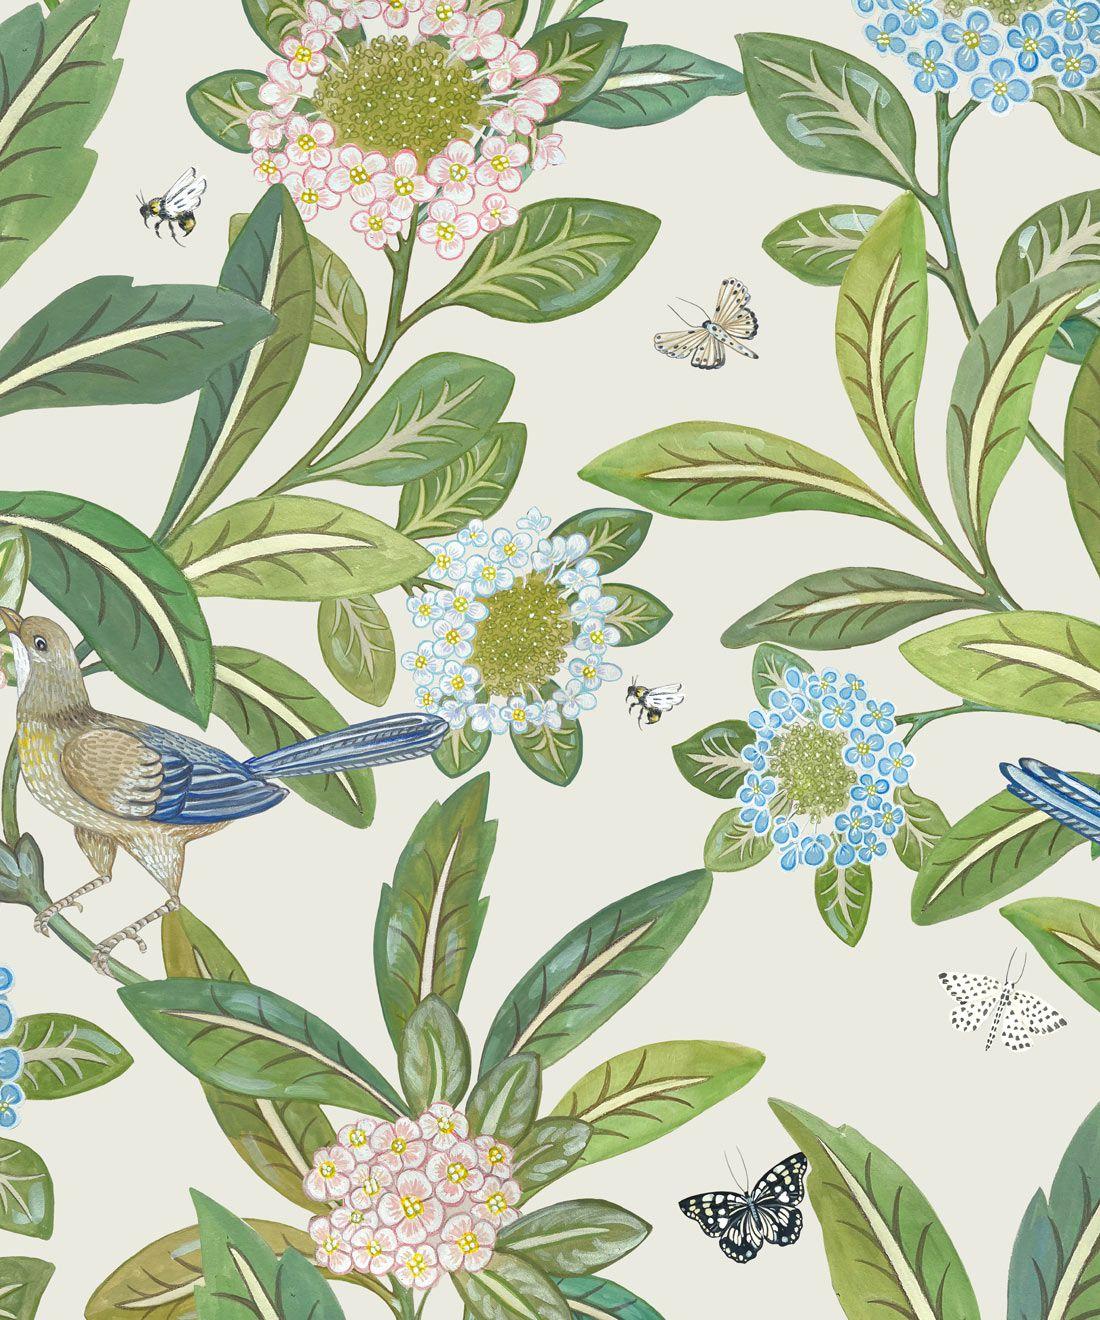 Summer Garden Wallpaper • Floral Wallpaper • ivory Wallpaper •Swatch